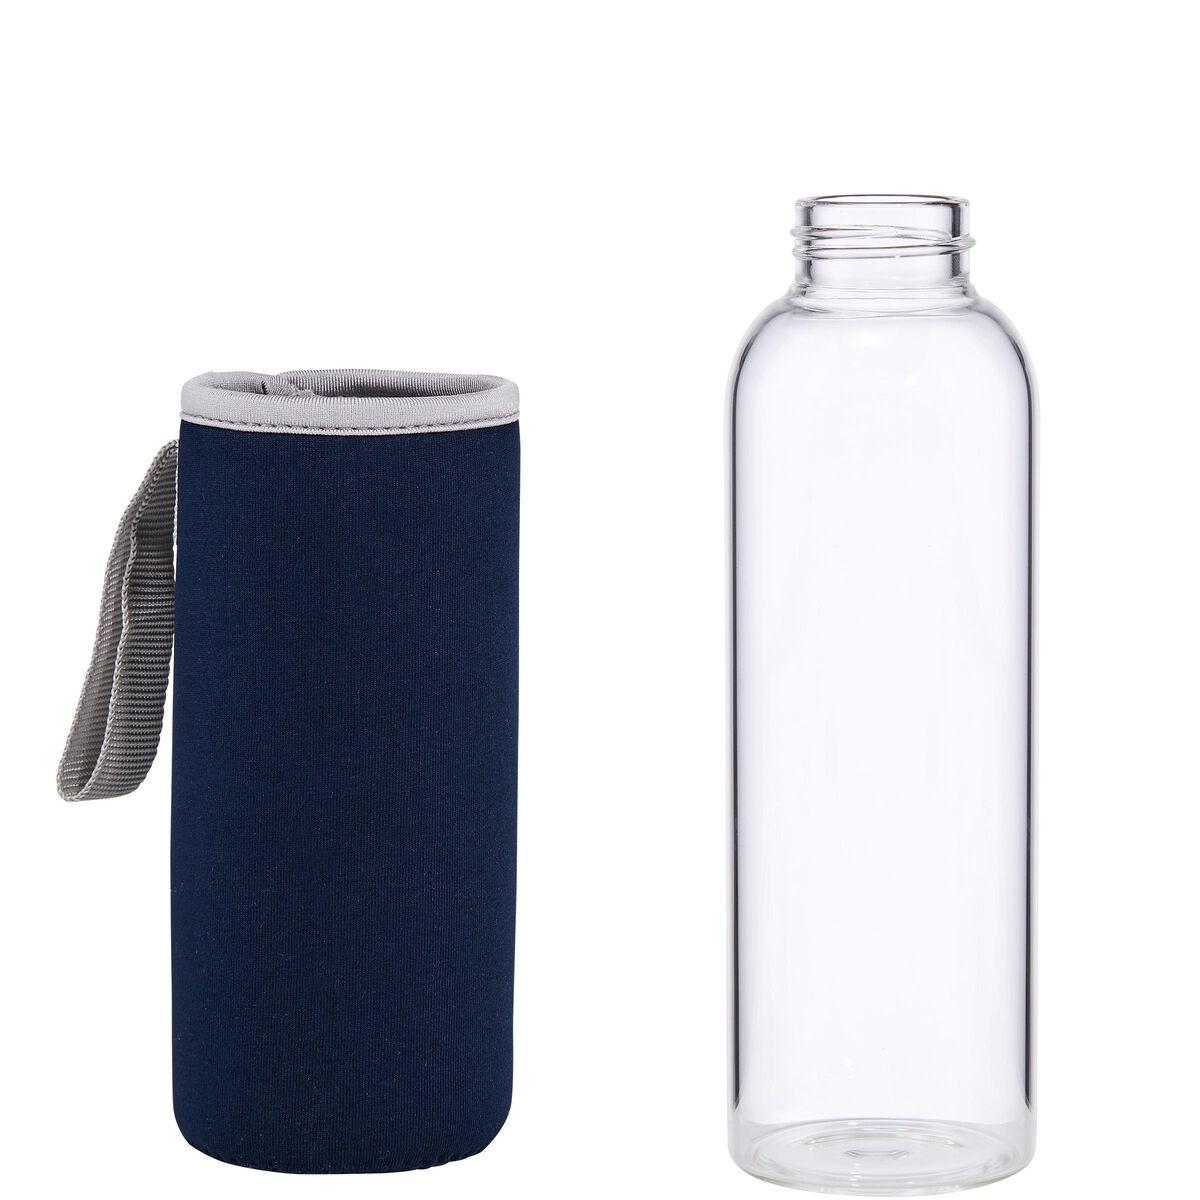 smoothie trinkflasche mit tasche blau 500ml butlers. Black Bedroom Furniture Sets. Home Design Ideas